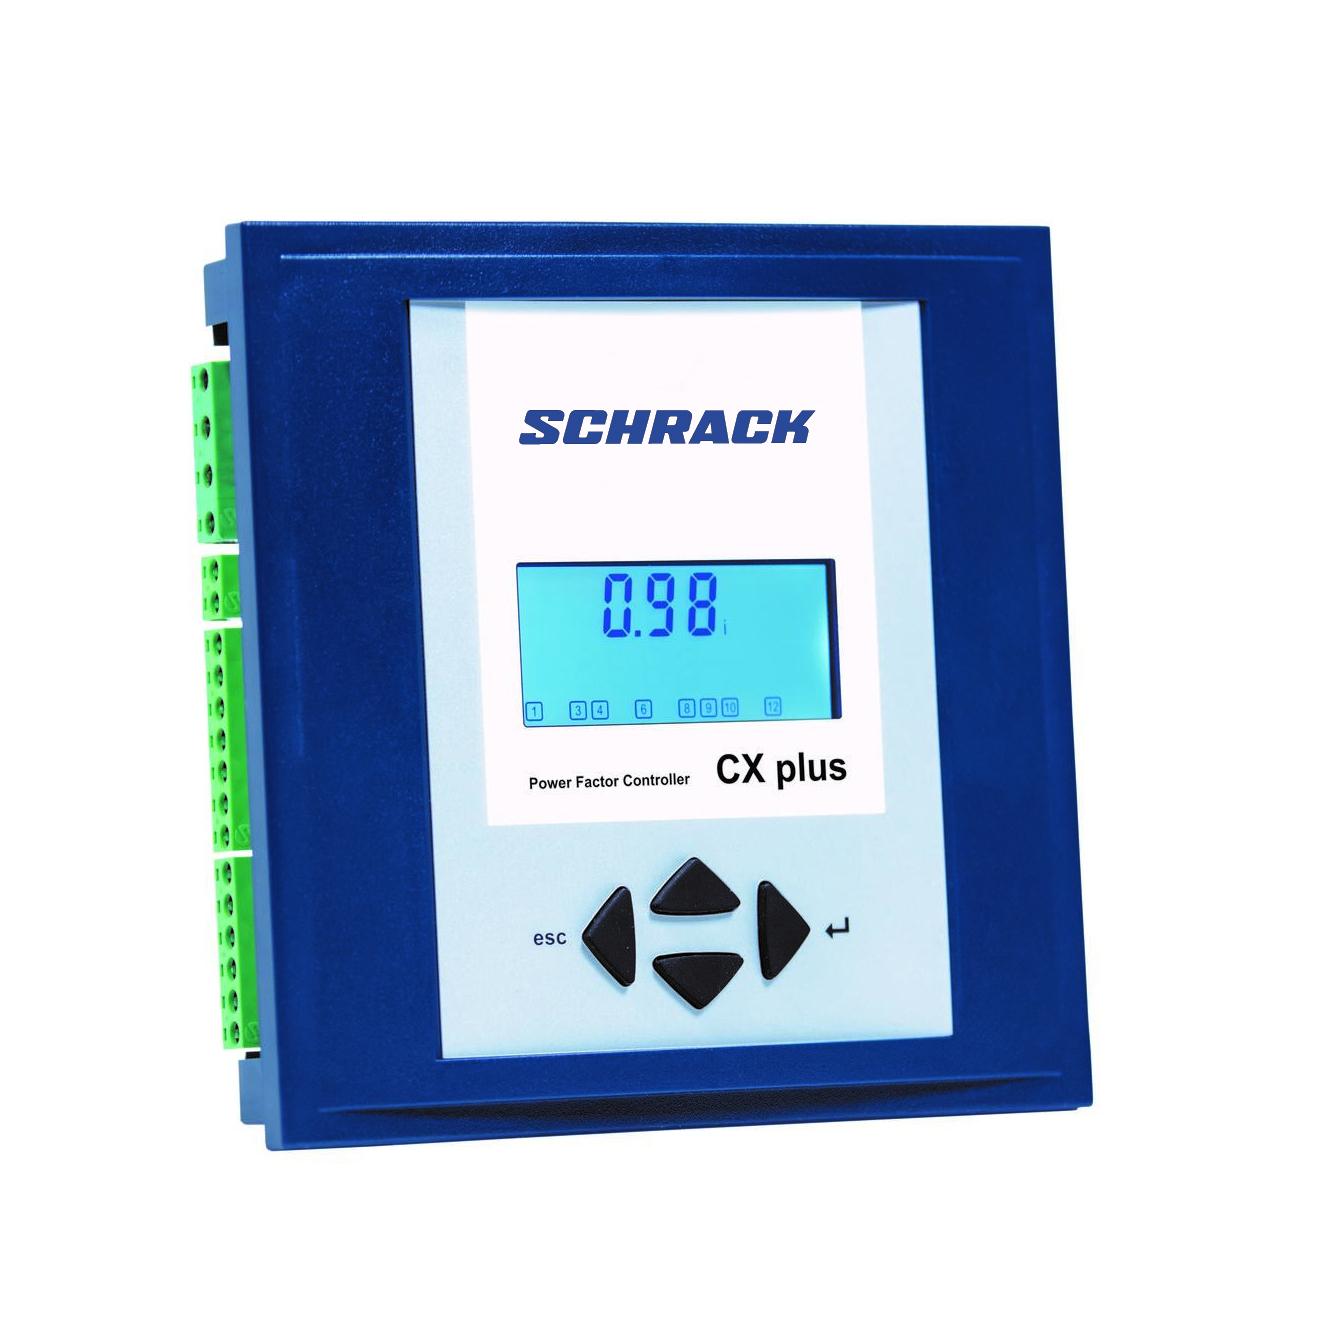 Componente si echipamente pentru compensarea factorului de putere16592